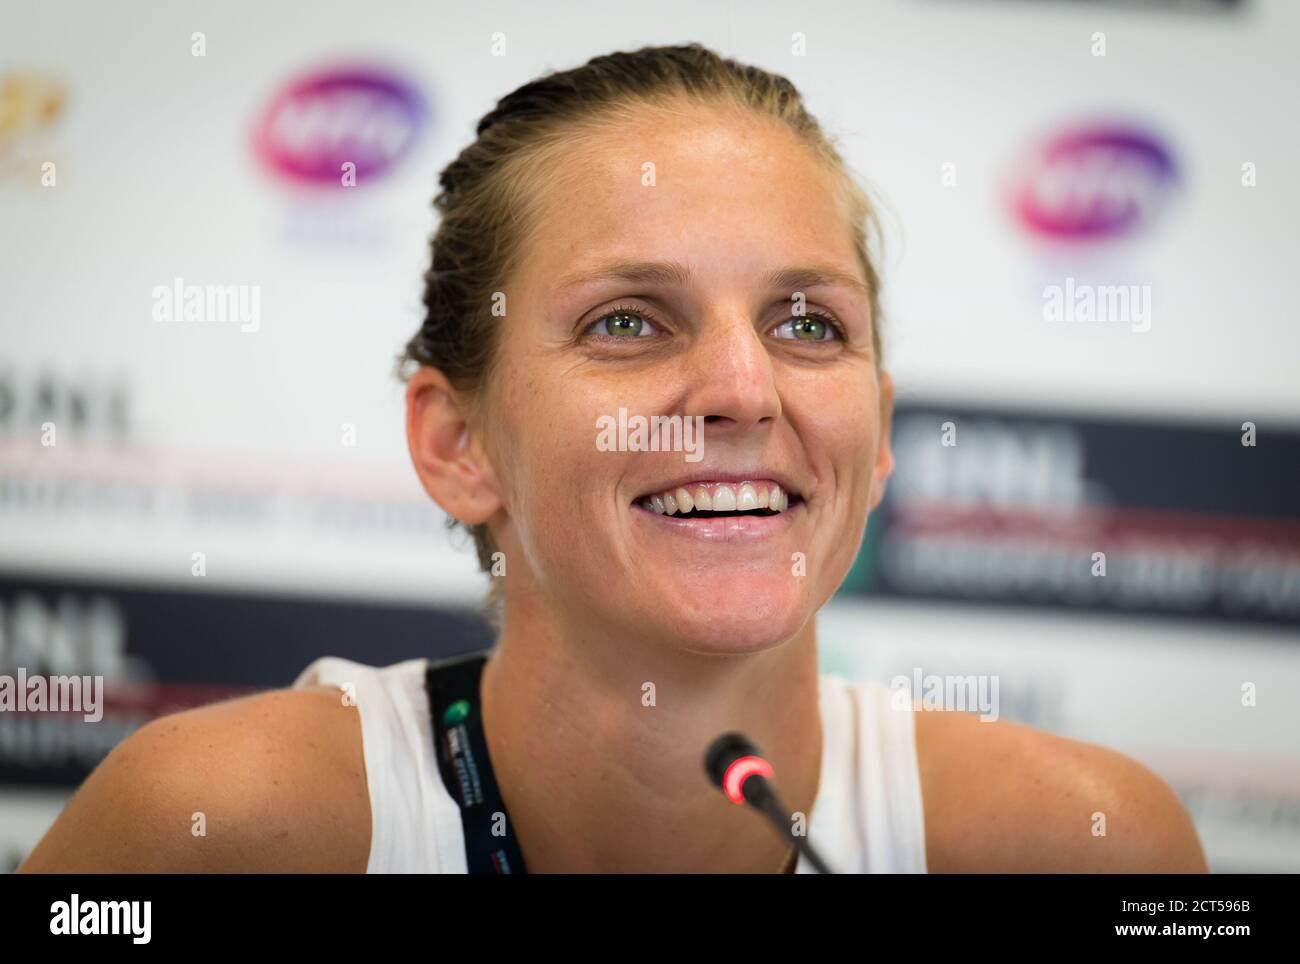 Karolina Pliskova, de la República Checa, habla con los medios de comunicación Después de su partido de cuartos de final en el 2020 Internazionali BNL d'Italia WTA Premier 5 tenis Foto de stock